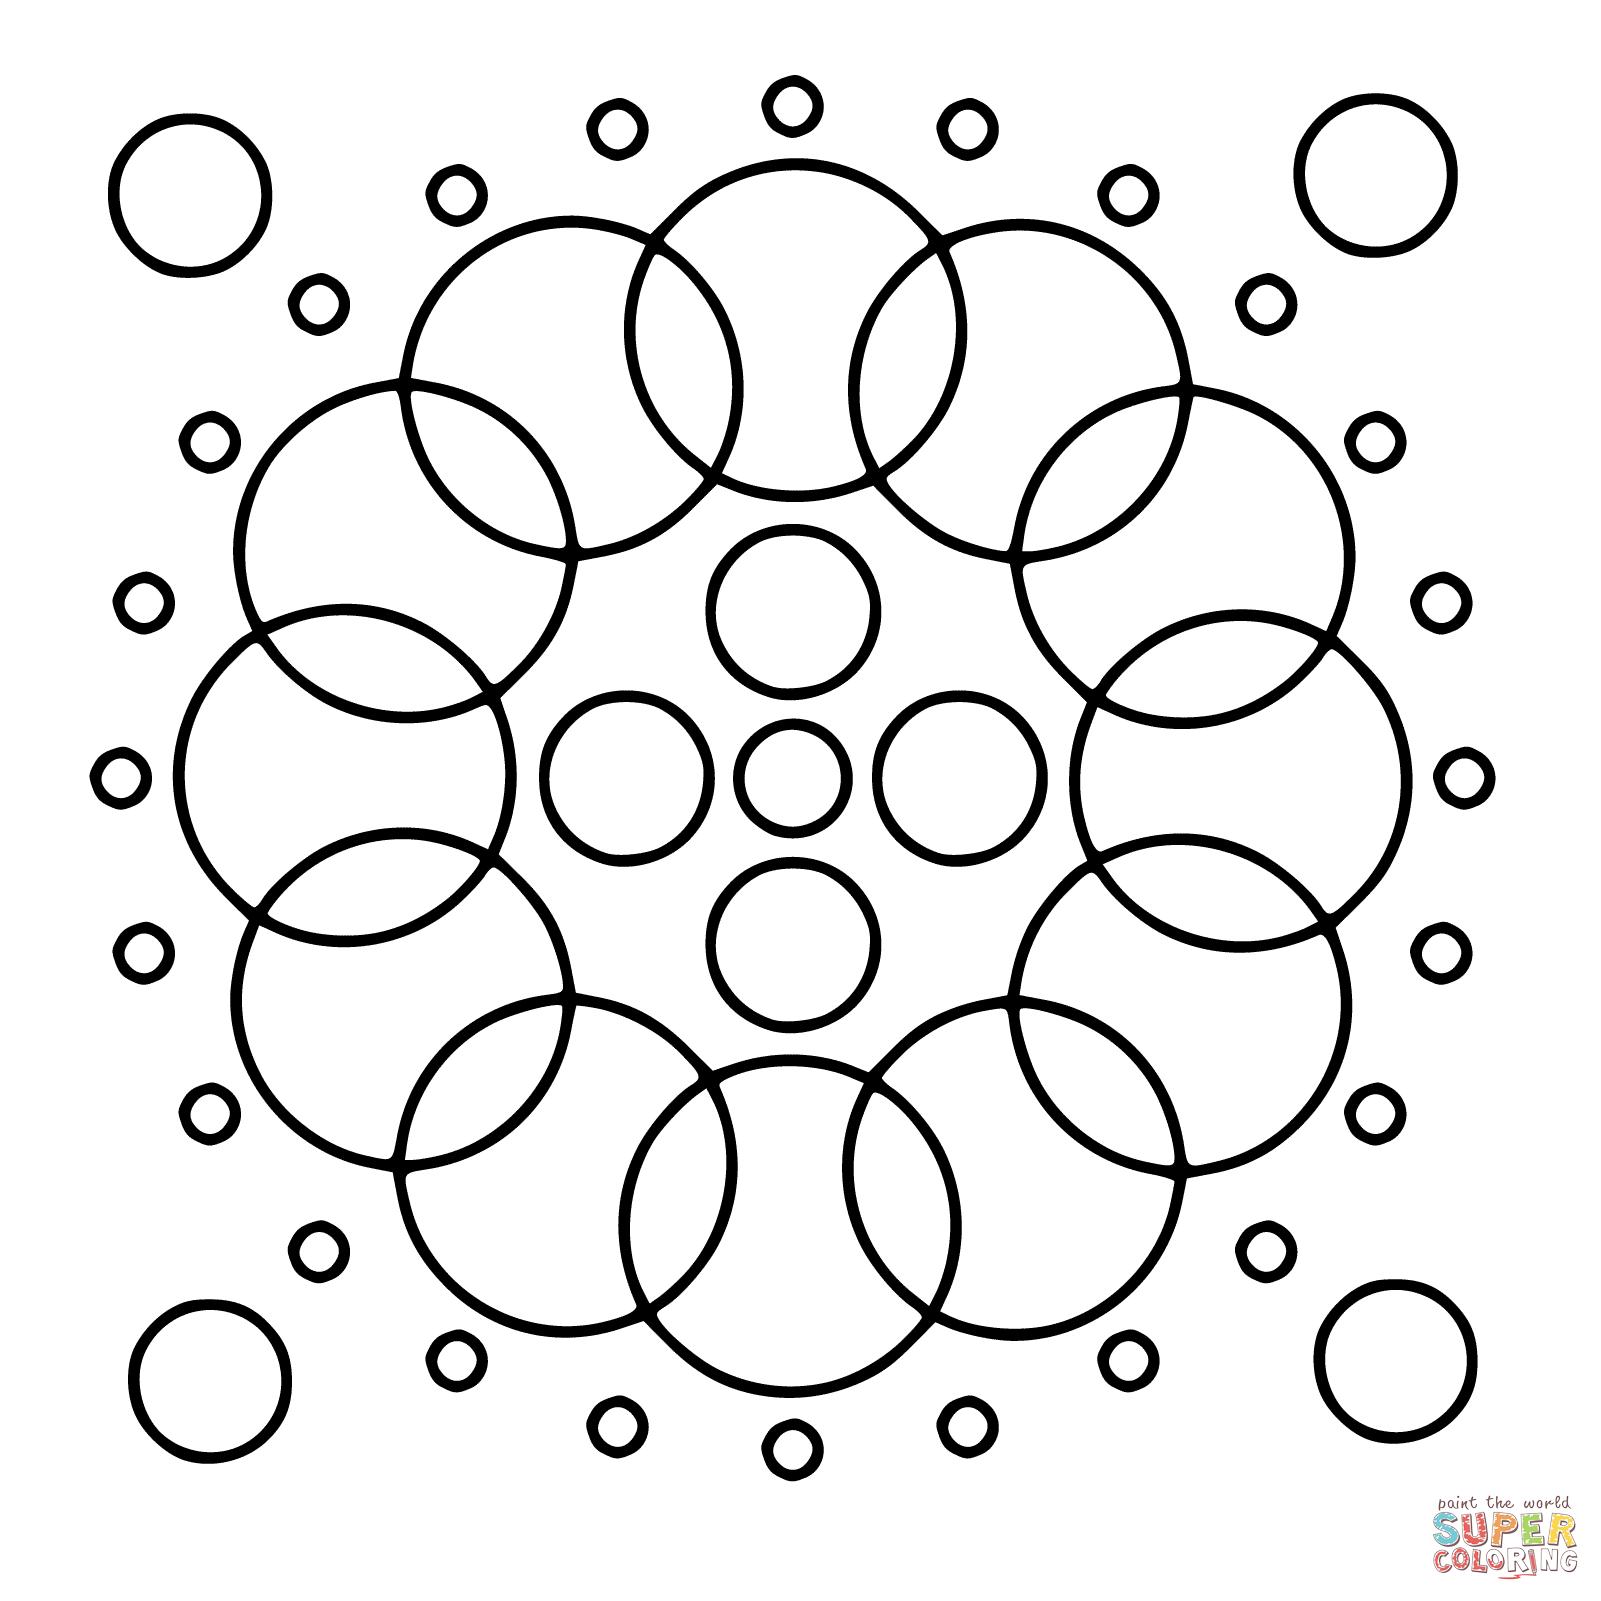 circle-mandala-coloring-pages.png